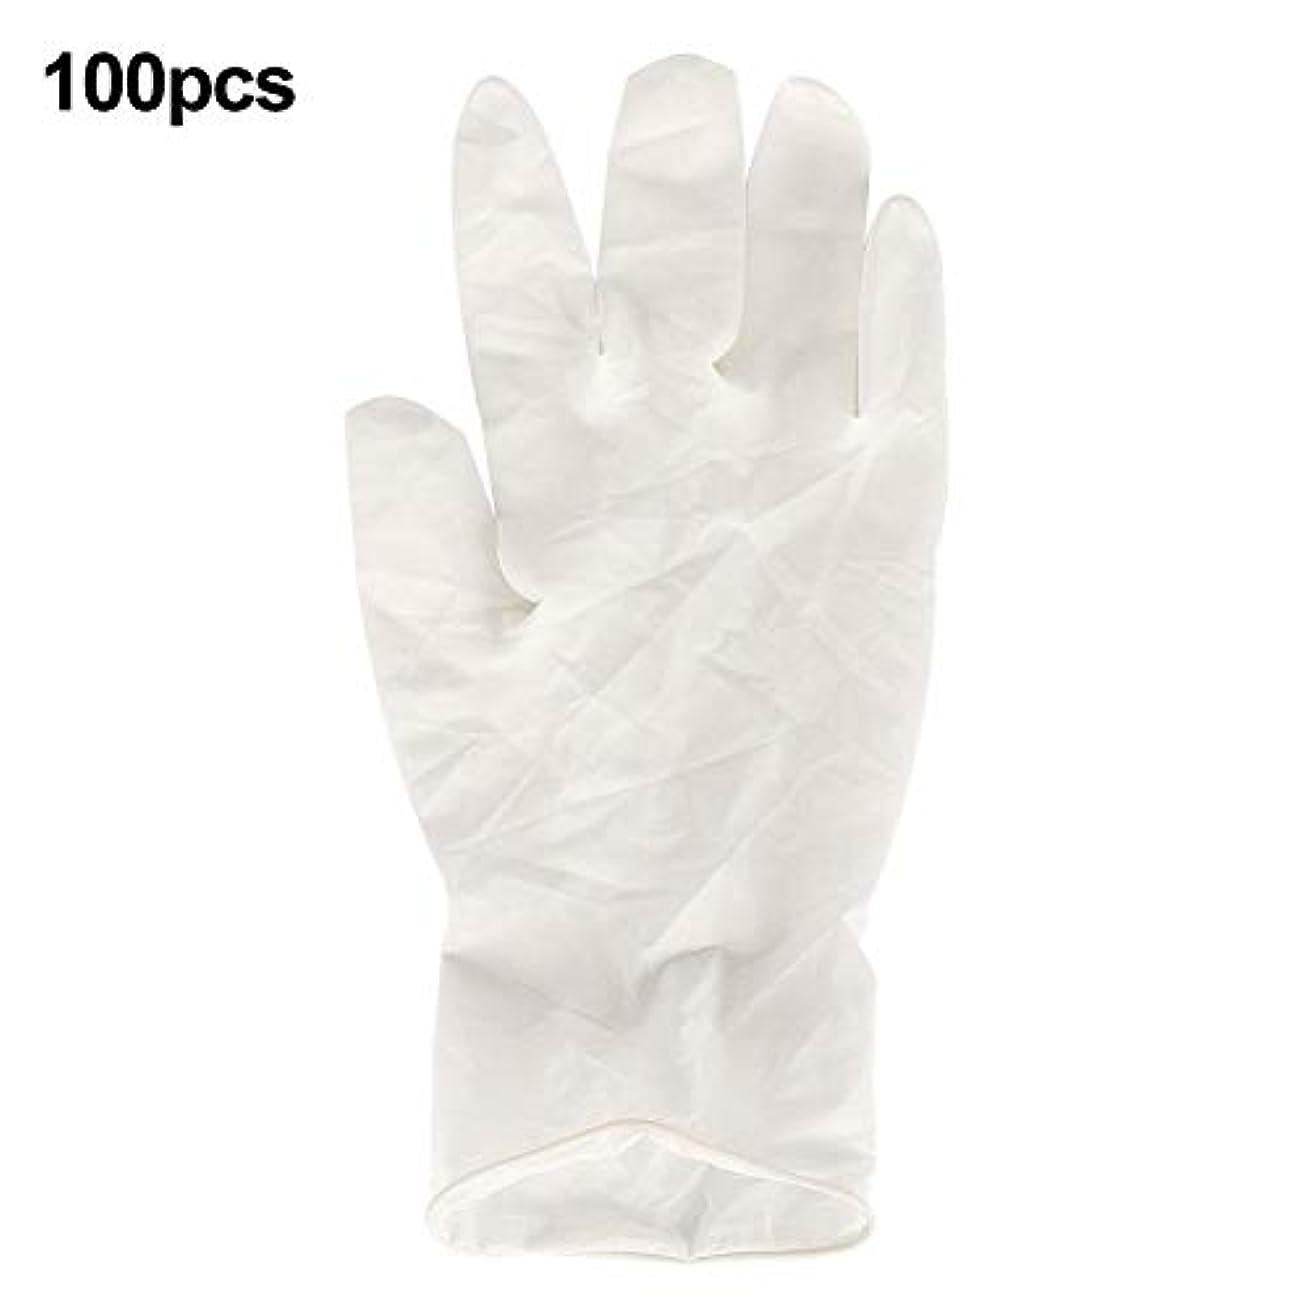 動機エキスパートカールQiilu ラテックス手袋 使い捨て手袋 ゴム手袋 100個(中型)